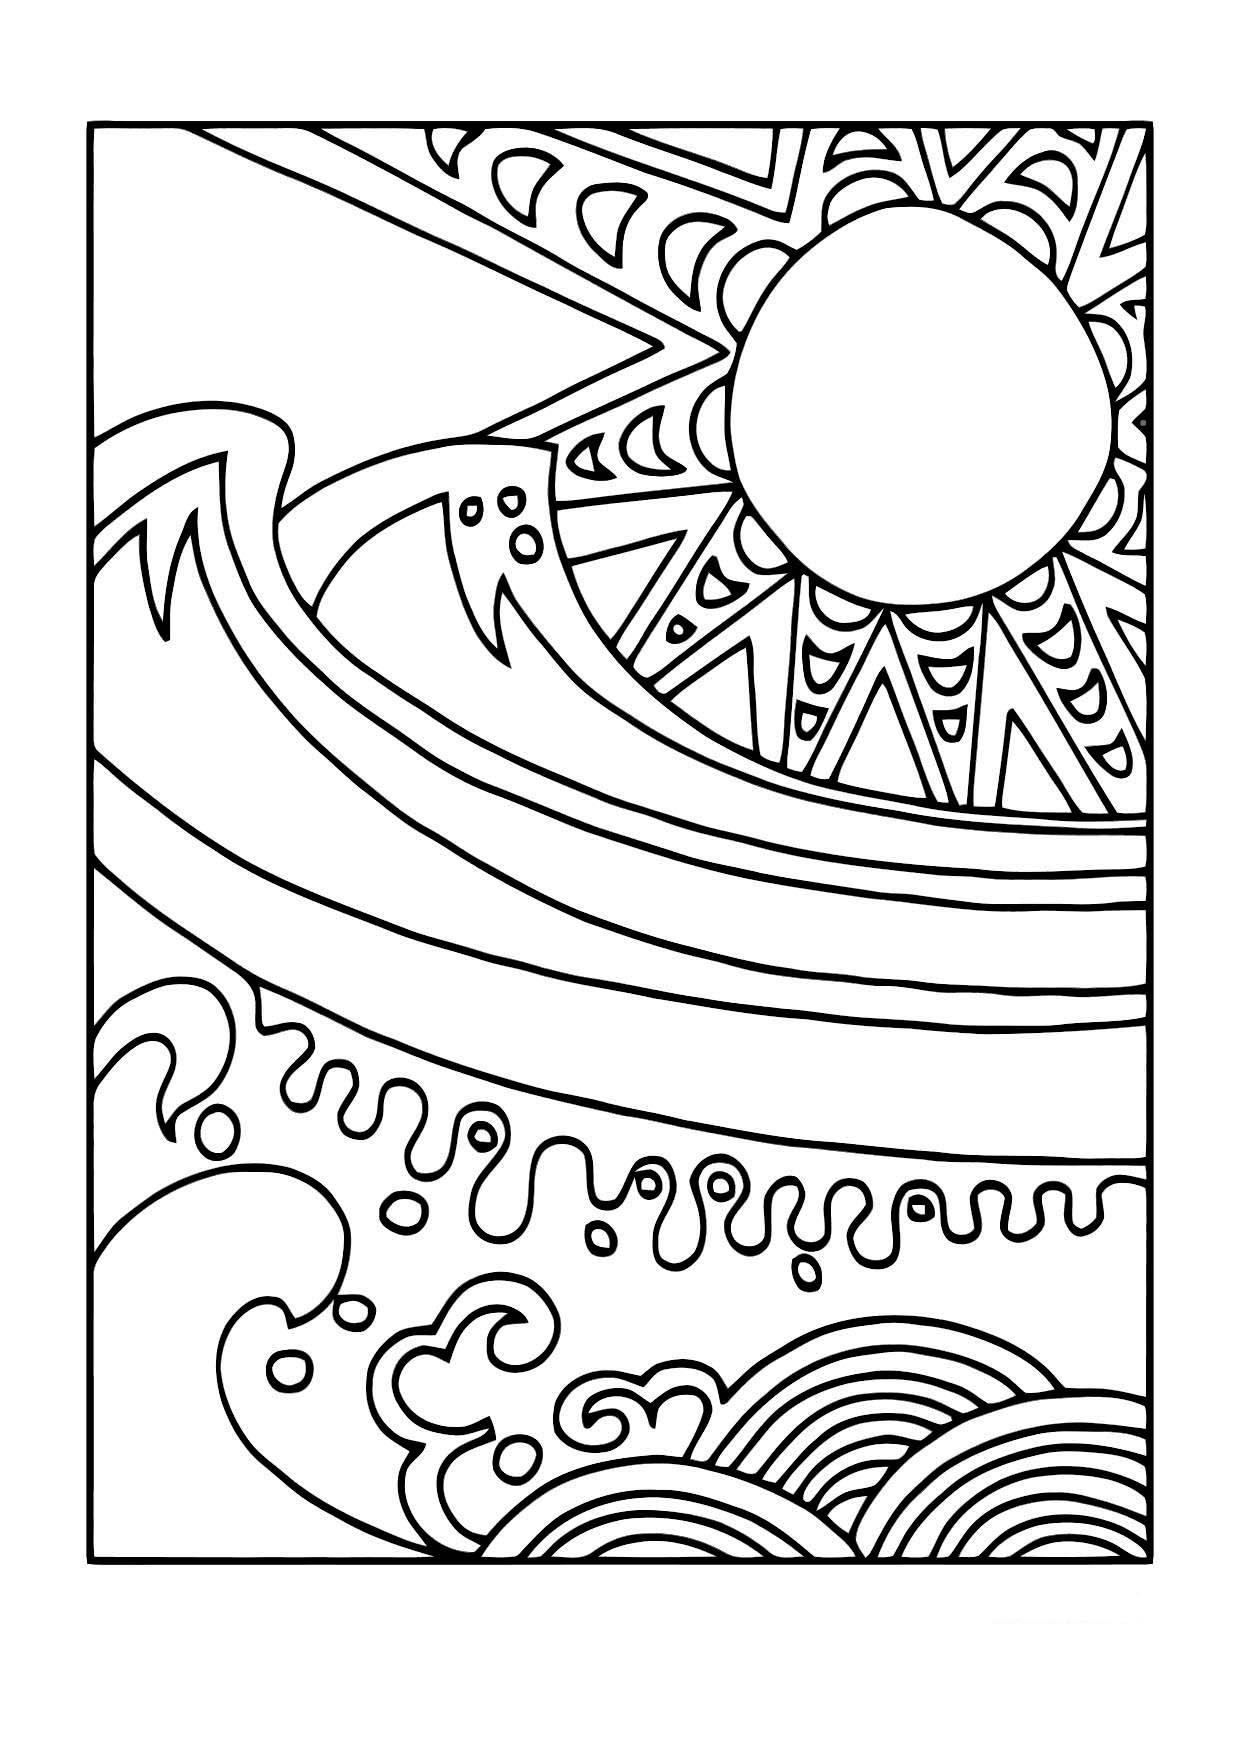 Malvorlage Sonne und Meer | Ausmalbild 11440.